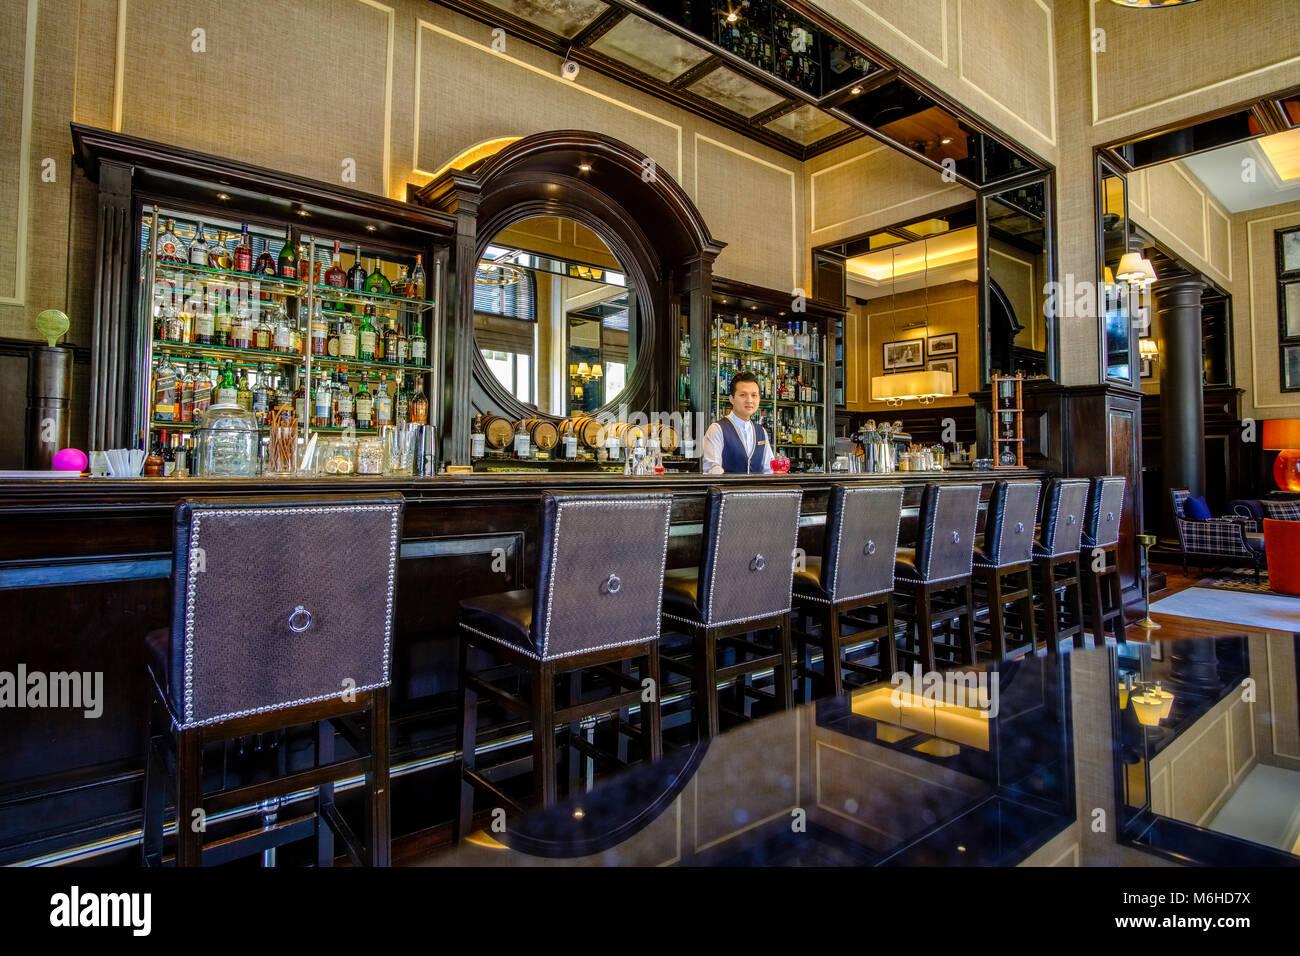 Innenraum der Sarkies Bar, ein Restaurant im Strand Hotel im Zentrum der Stadt Stockbild